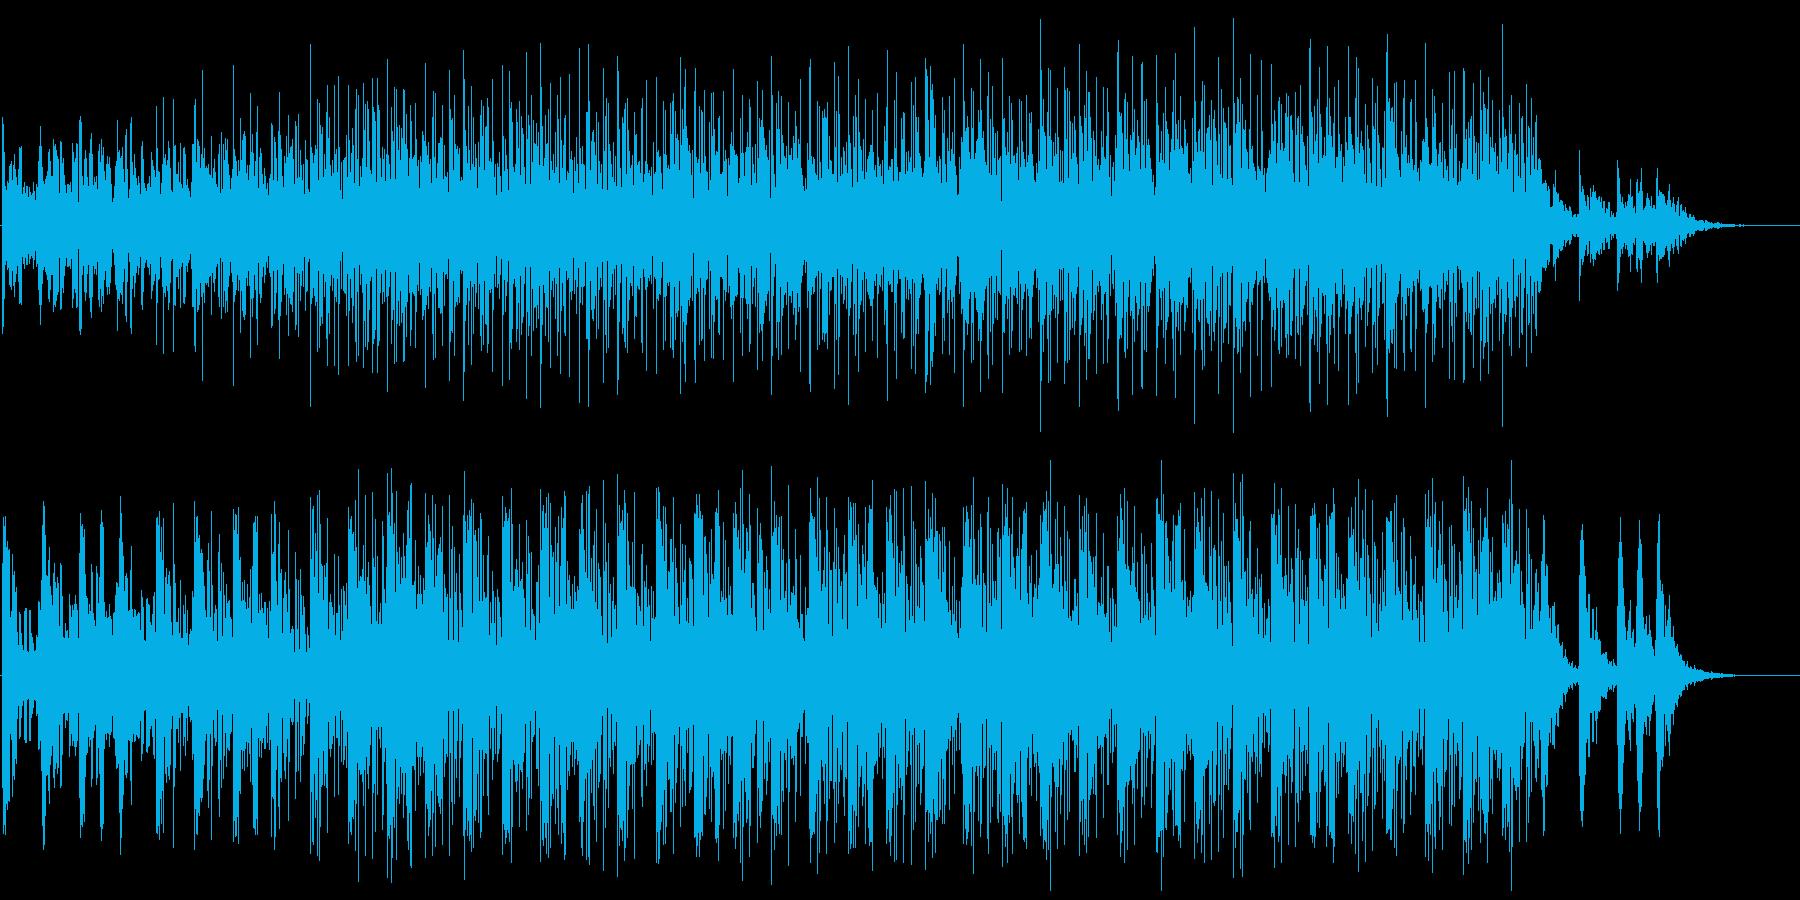 サイエンス系BGM(WAVファイル版)の再生済みの波形